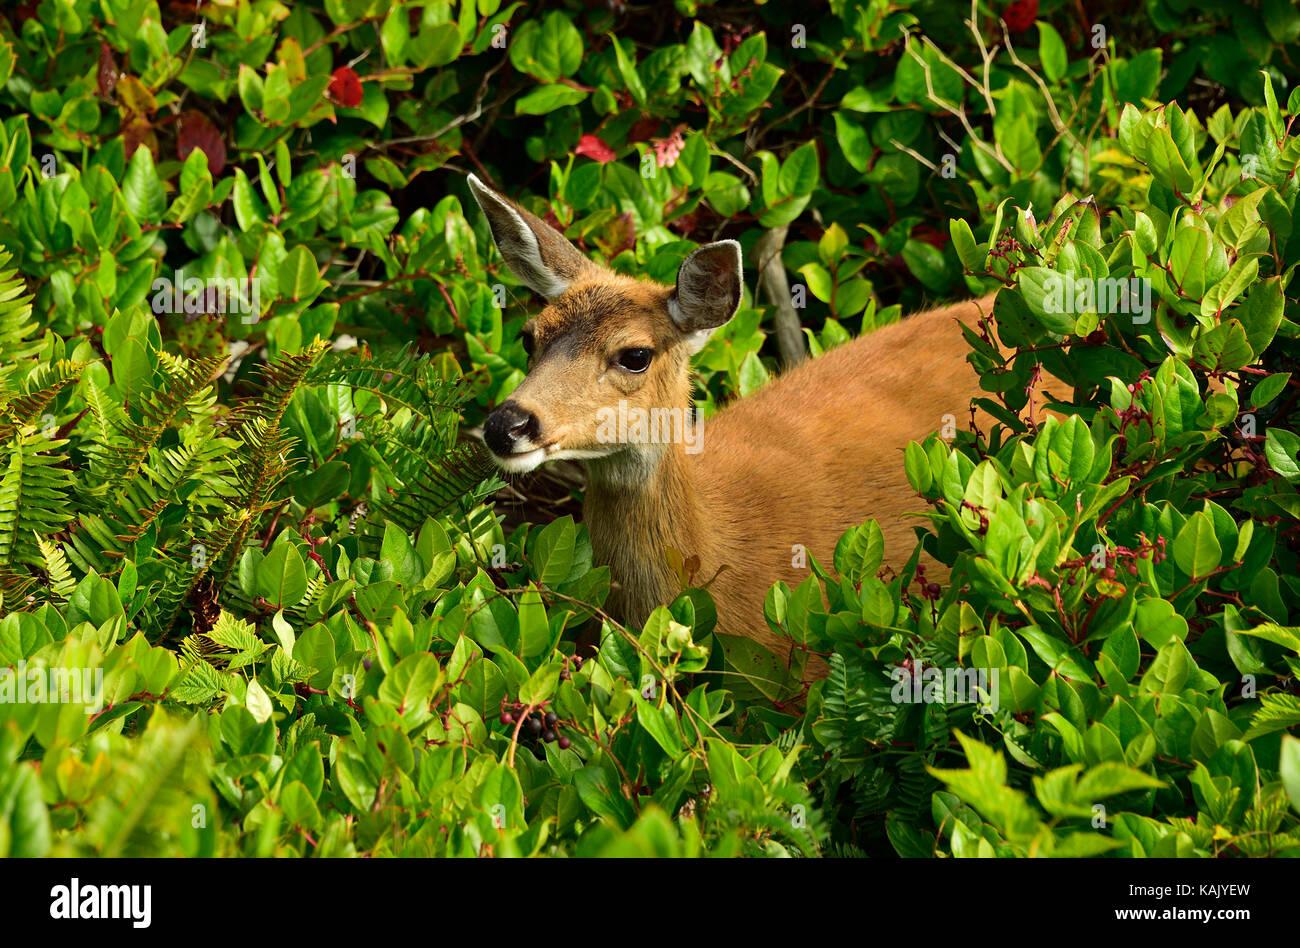 Eine wilde weiblich Black-tailed deer (Odocoileus hemionus columbianus); Nahrungssuche durch die schwere Vegetation Stockbild